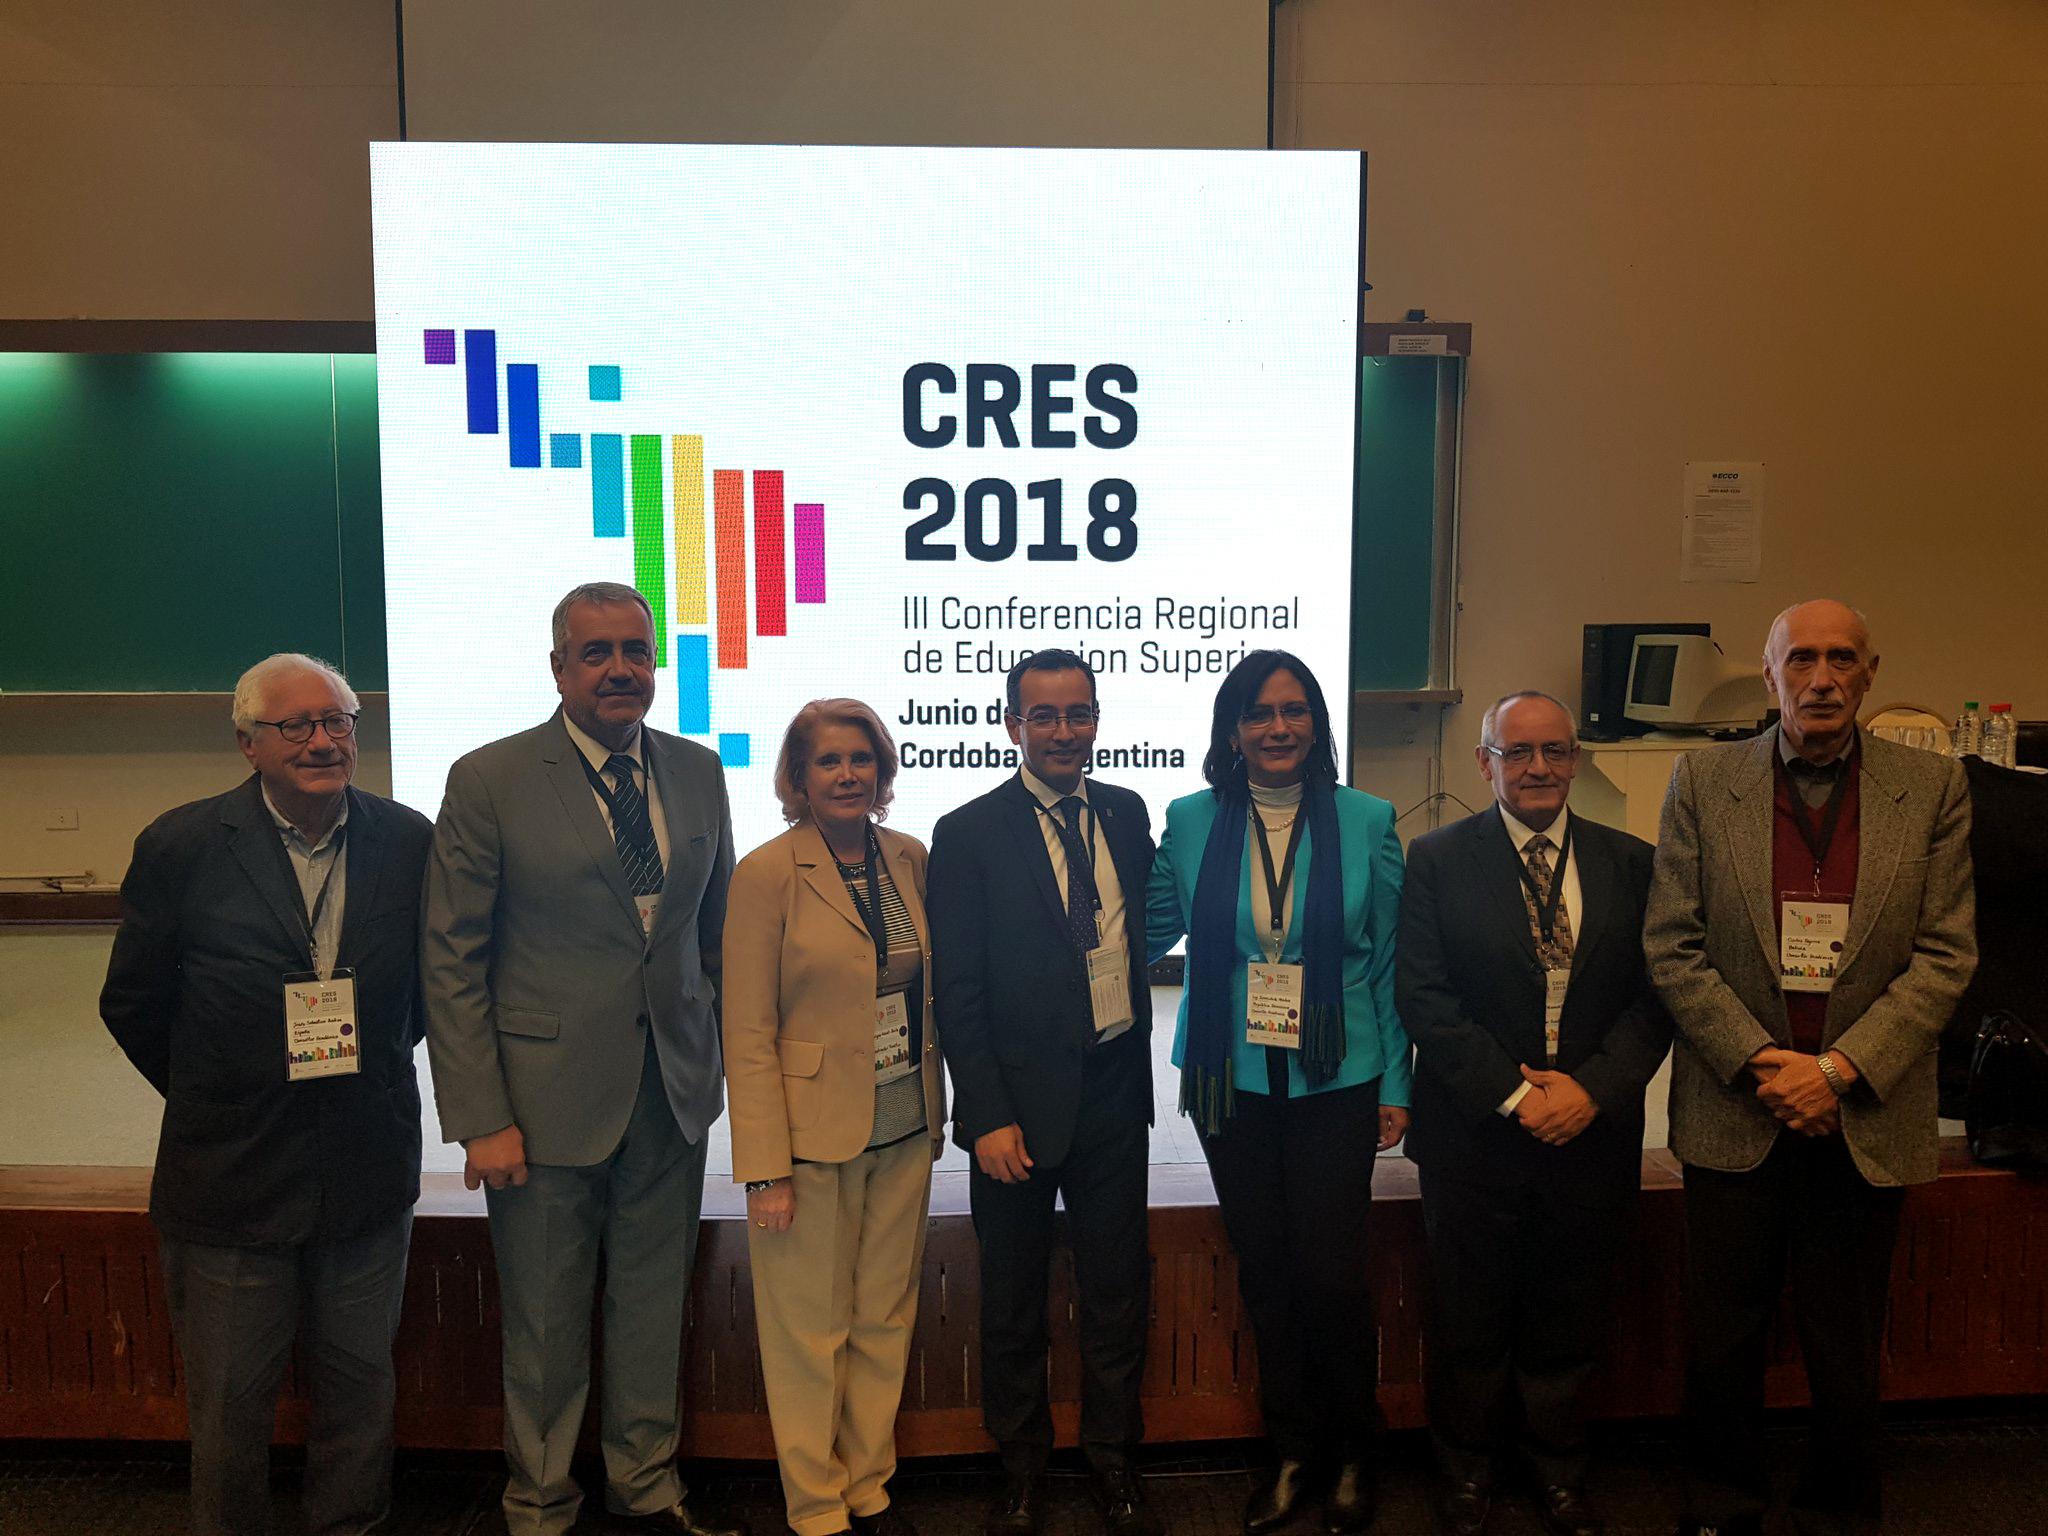 Coordinador General de Cooperación e Internacionalización, doctor Carlos Iván Moreno Arellano y la Directora de la División de Estudios de Estado y Sociedad, del CUCSH, doctora Jocelyne Gacel-Ávila; participando en la Conferencia Regional de Educación Superior de América Latina y el Caribe 2018.